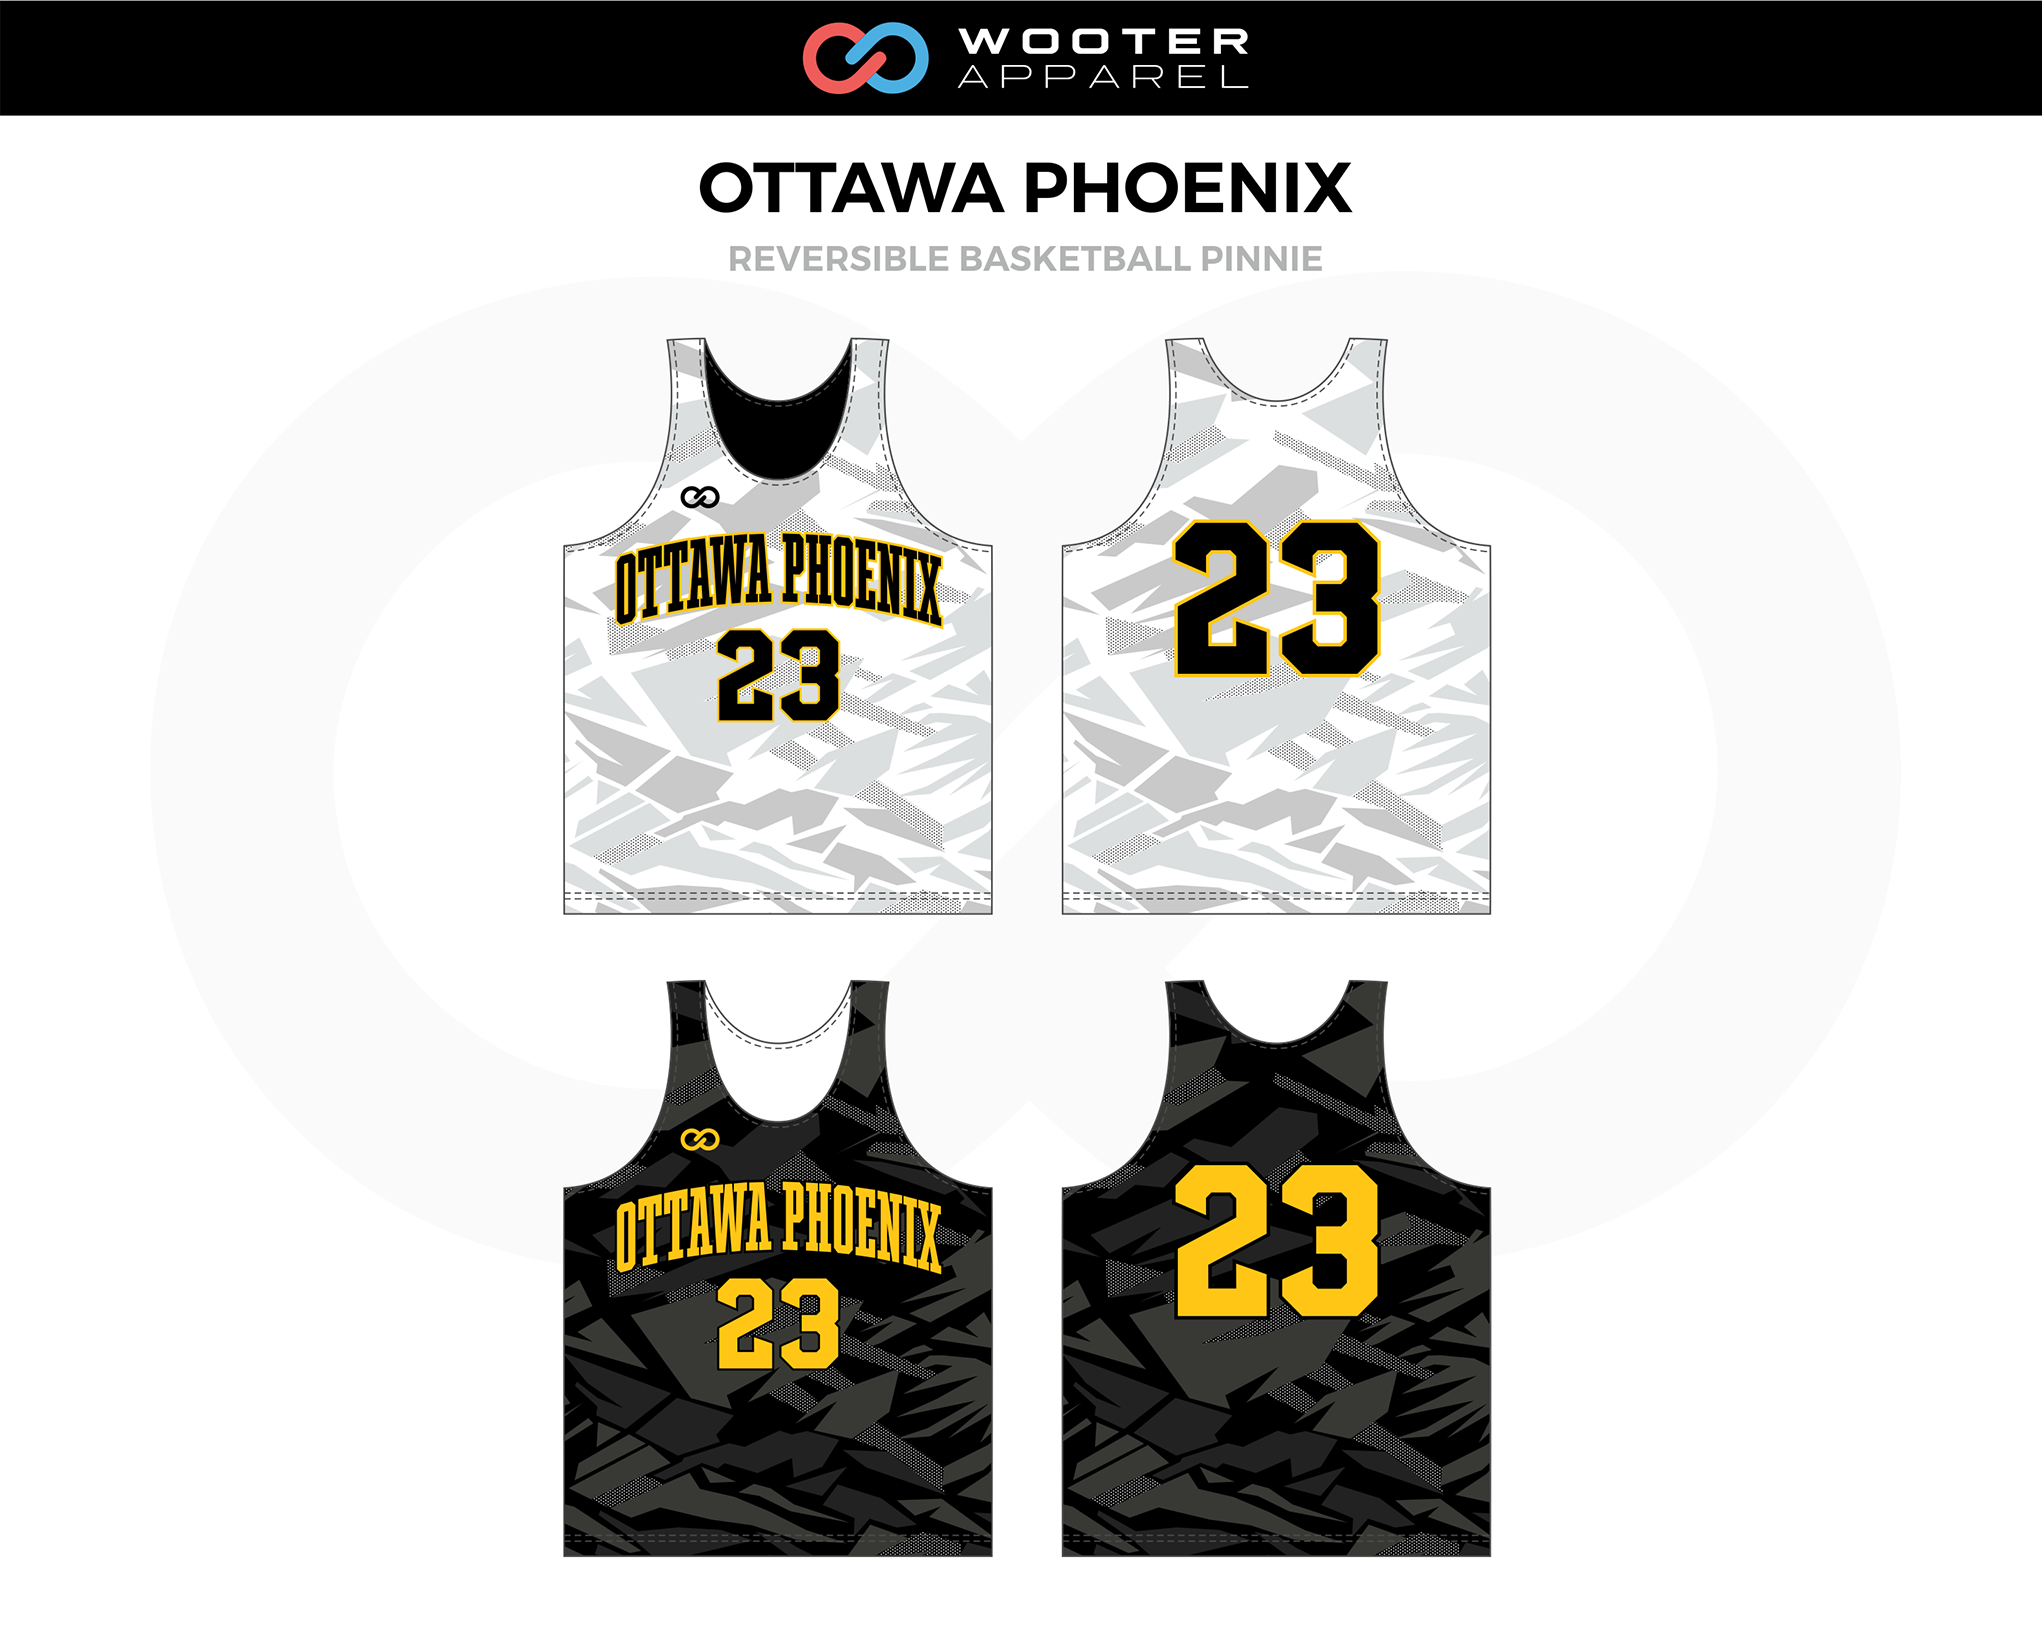 04_Ottawa Phoenix Basketball.png